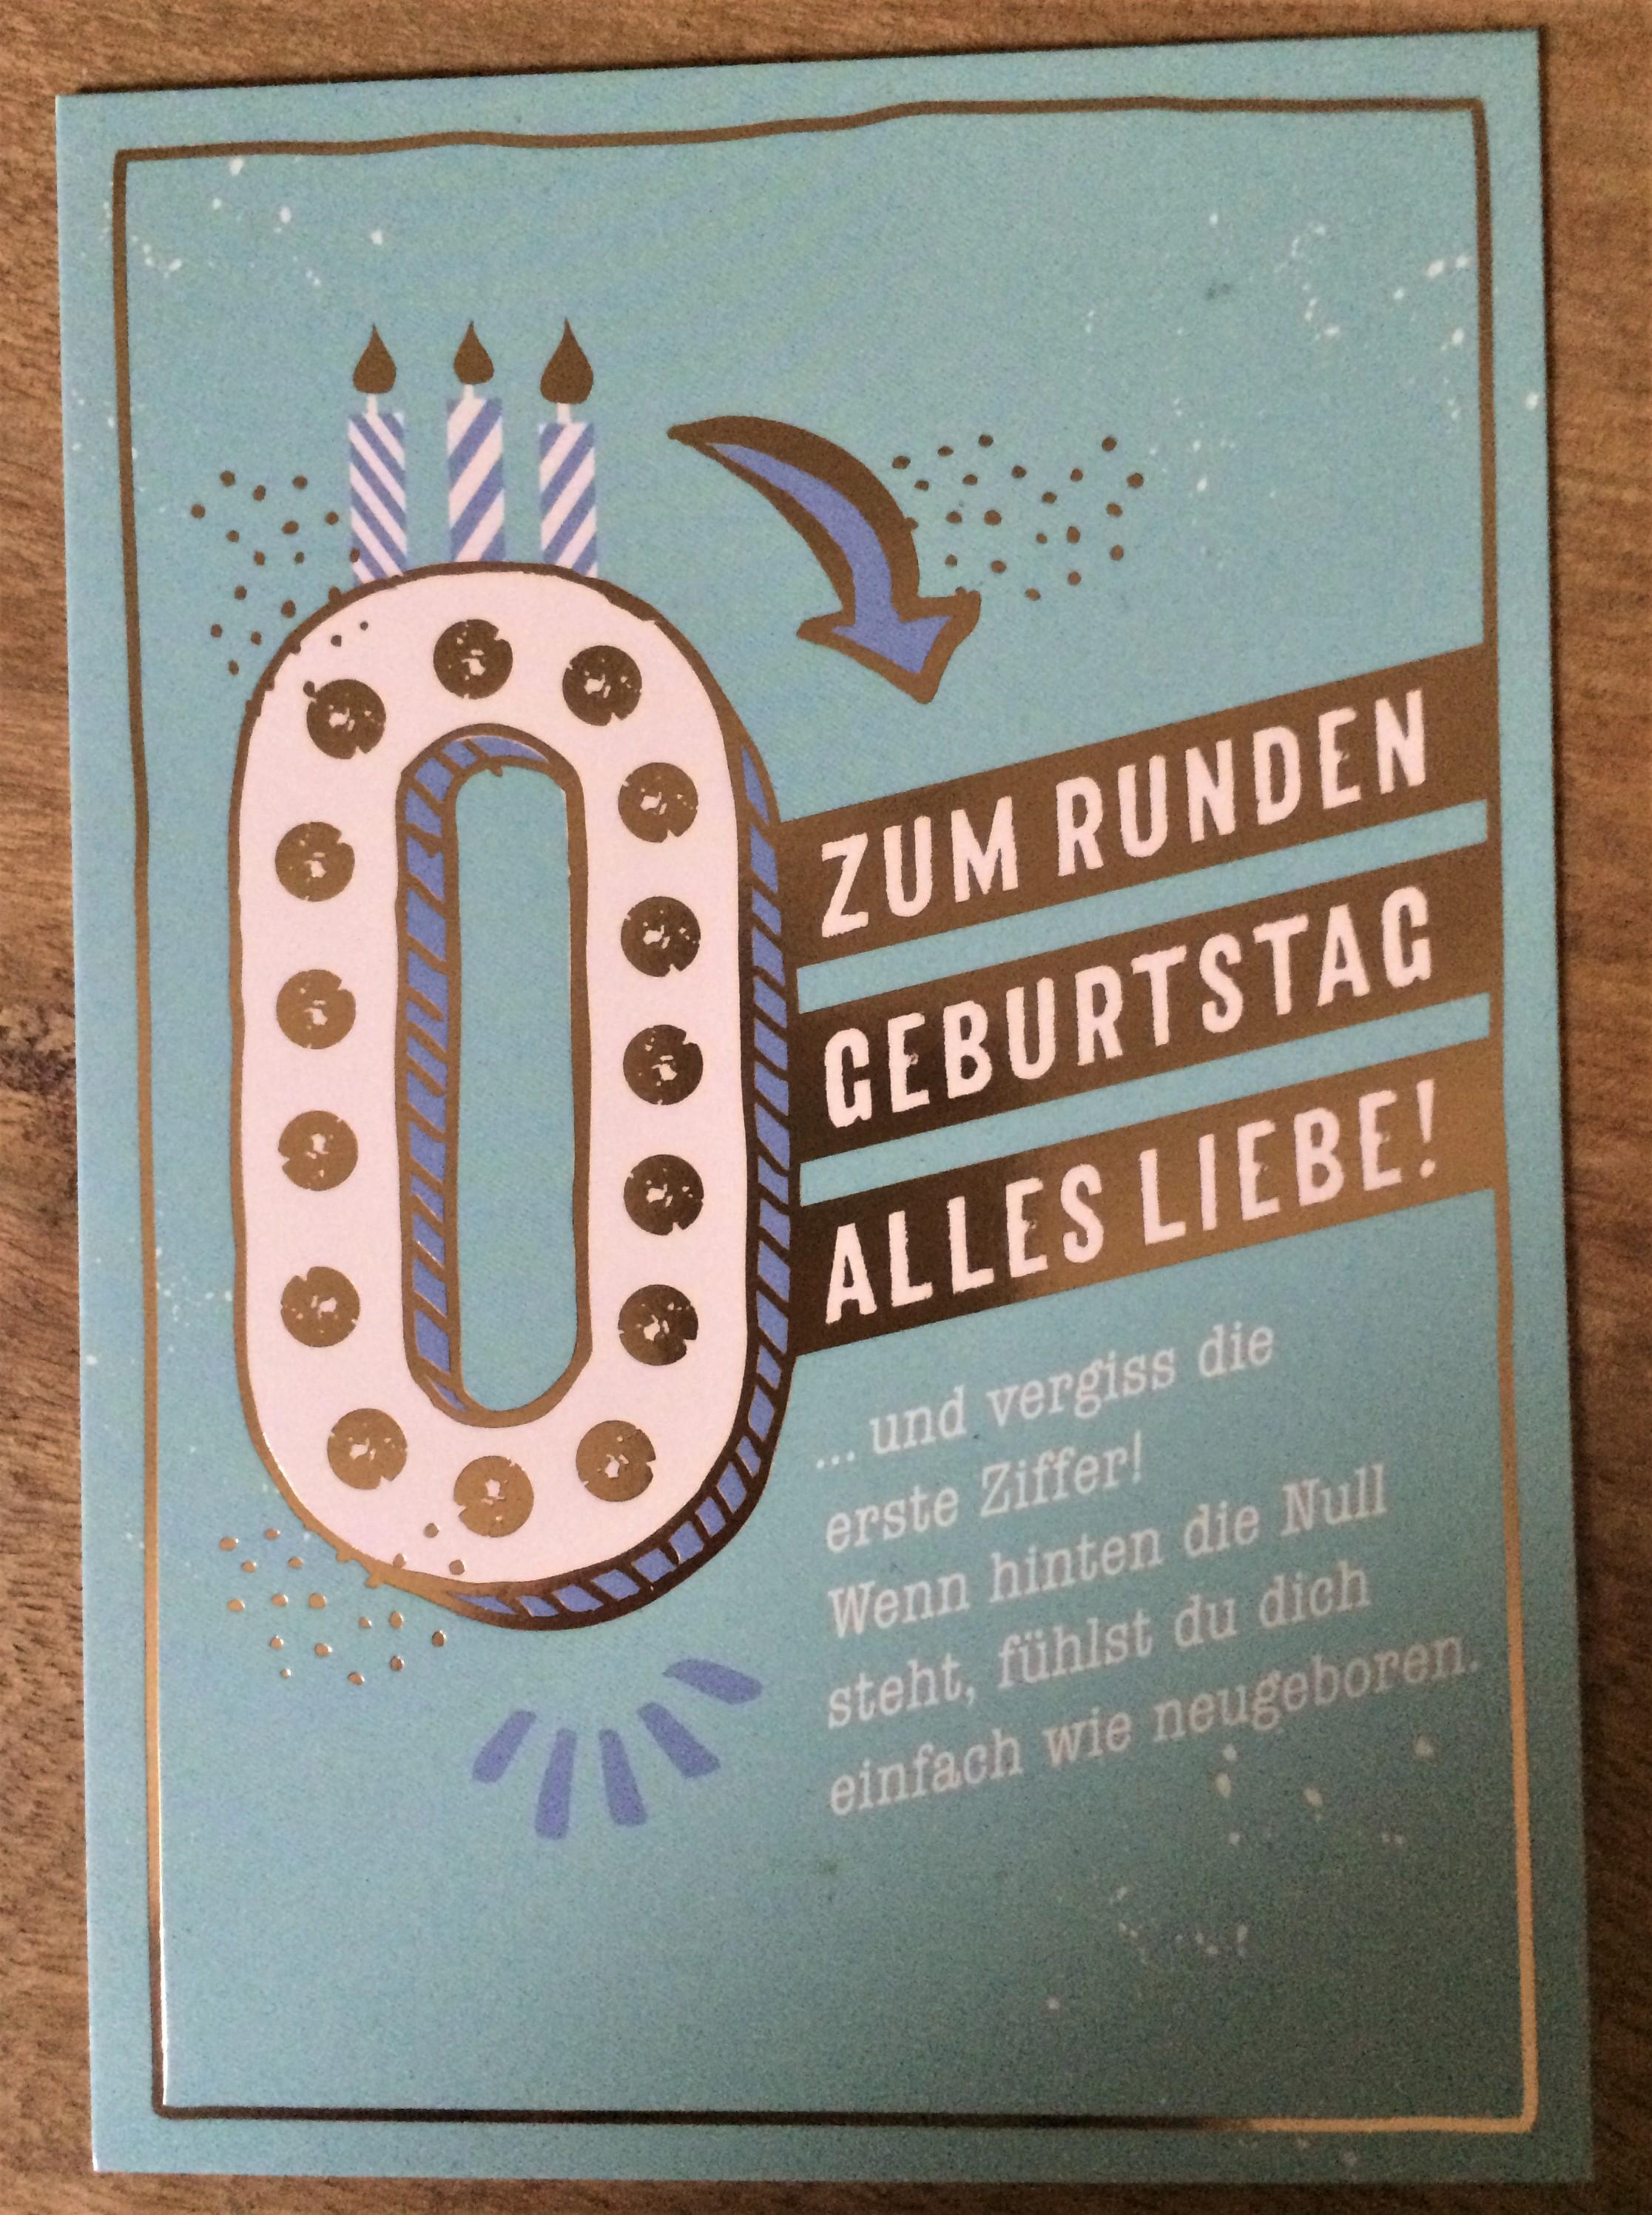 - Postkarte Zum runden Geburtstag alles Liebe... - Onlineshop Tante Emmer